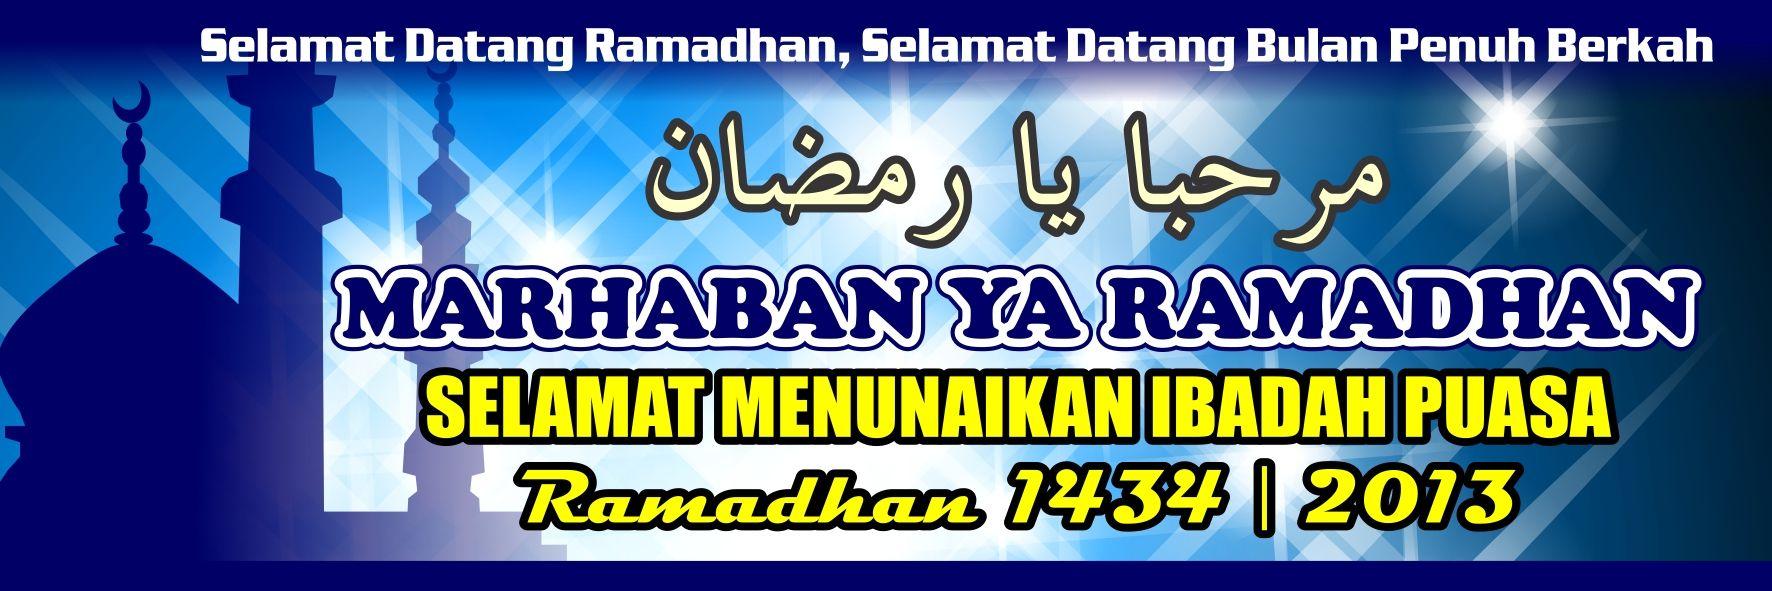 Download gratis desain spanduk menyambut ramadhan marhaban ya ramadhan format vector coreldraw dan jpeg http